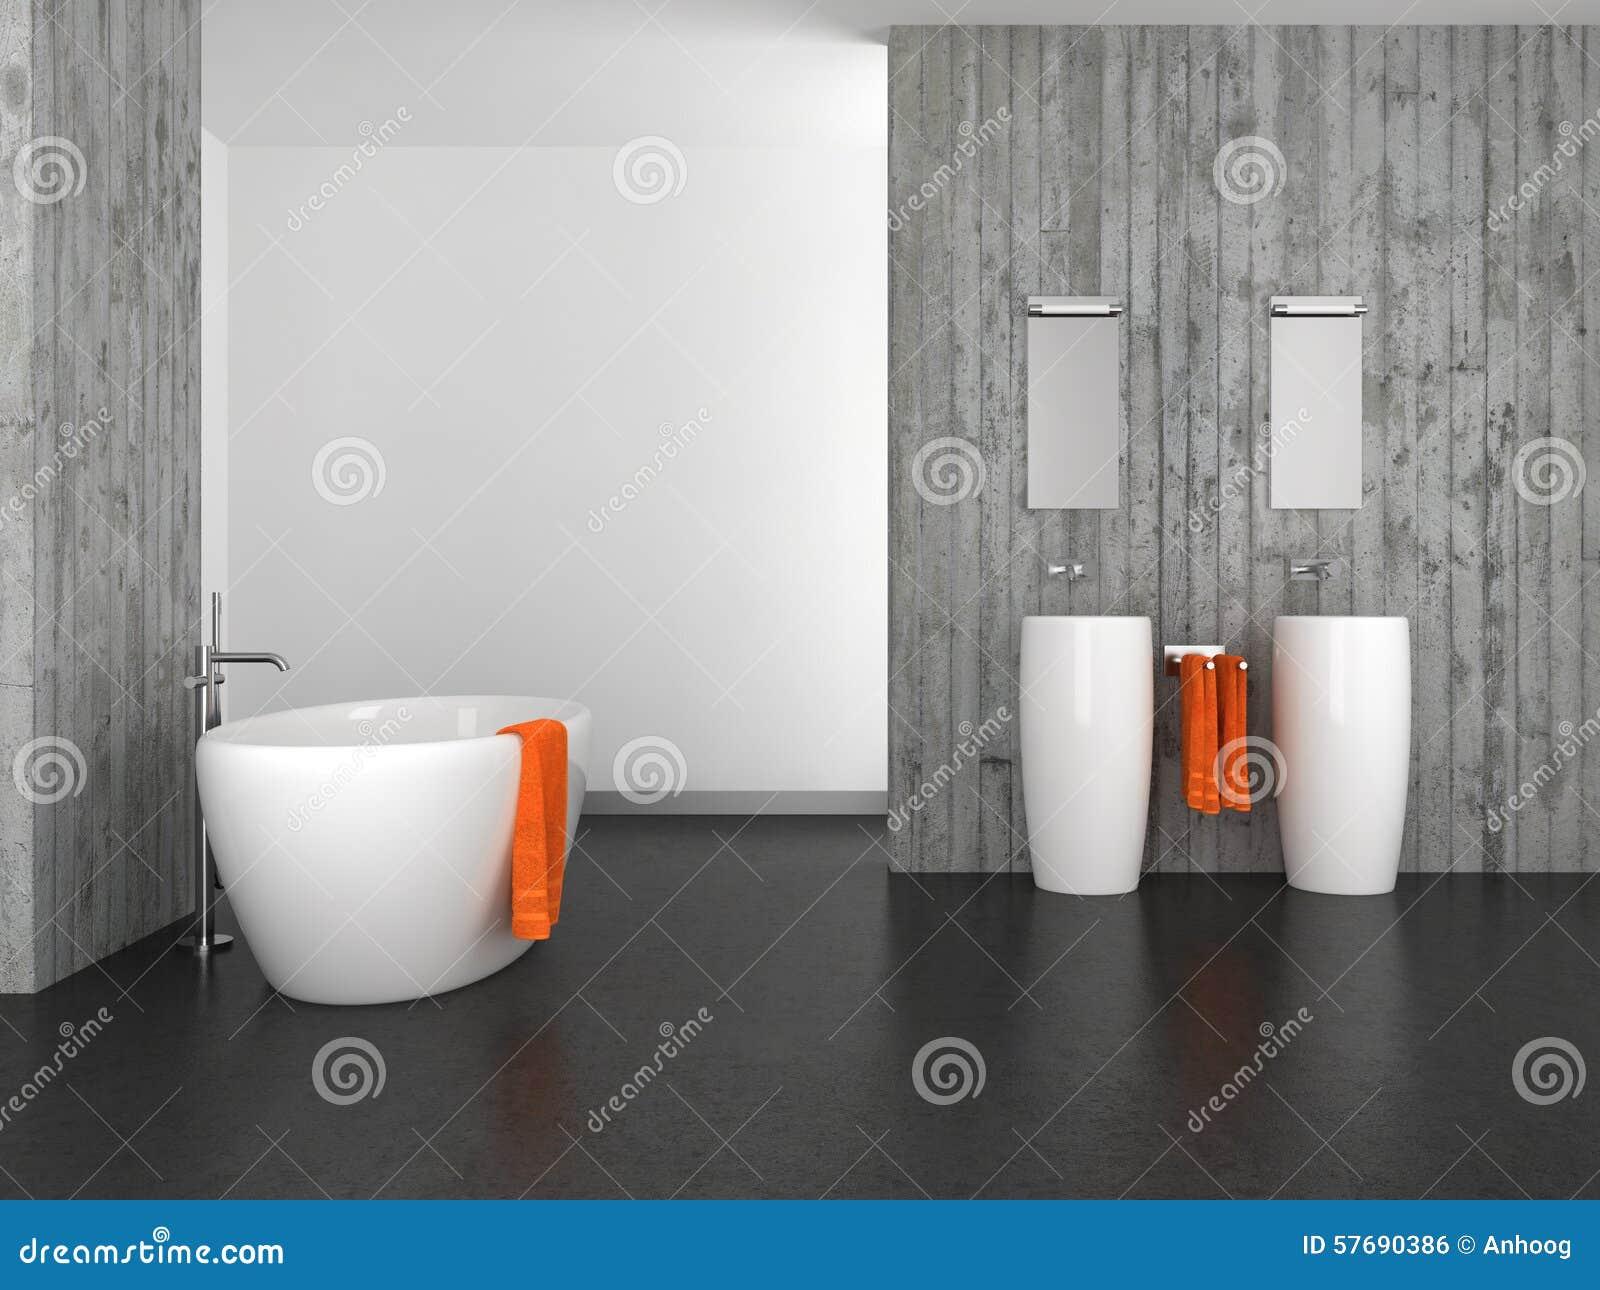 Modernes Badezimmer Mit Betonmauer Und Dunklem Boden Stock Abbildung ...